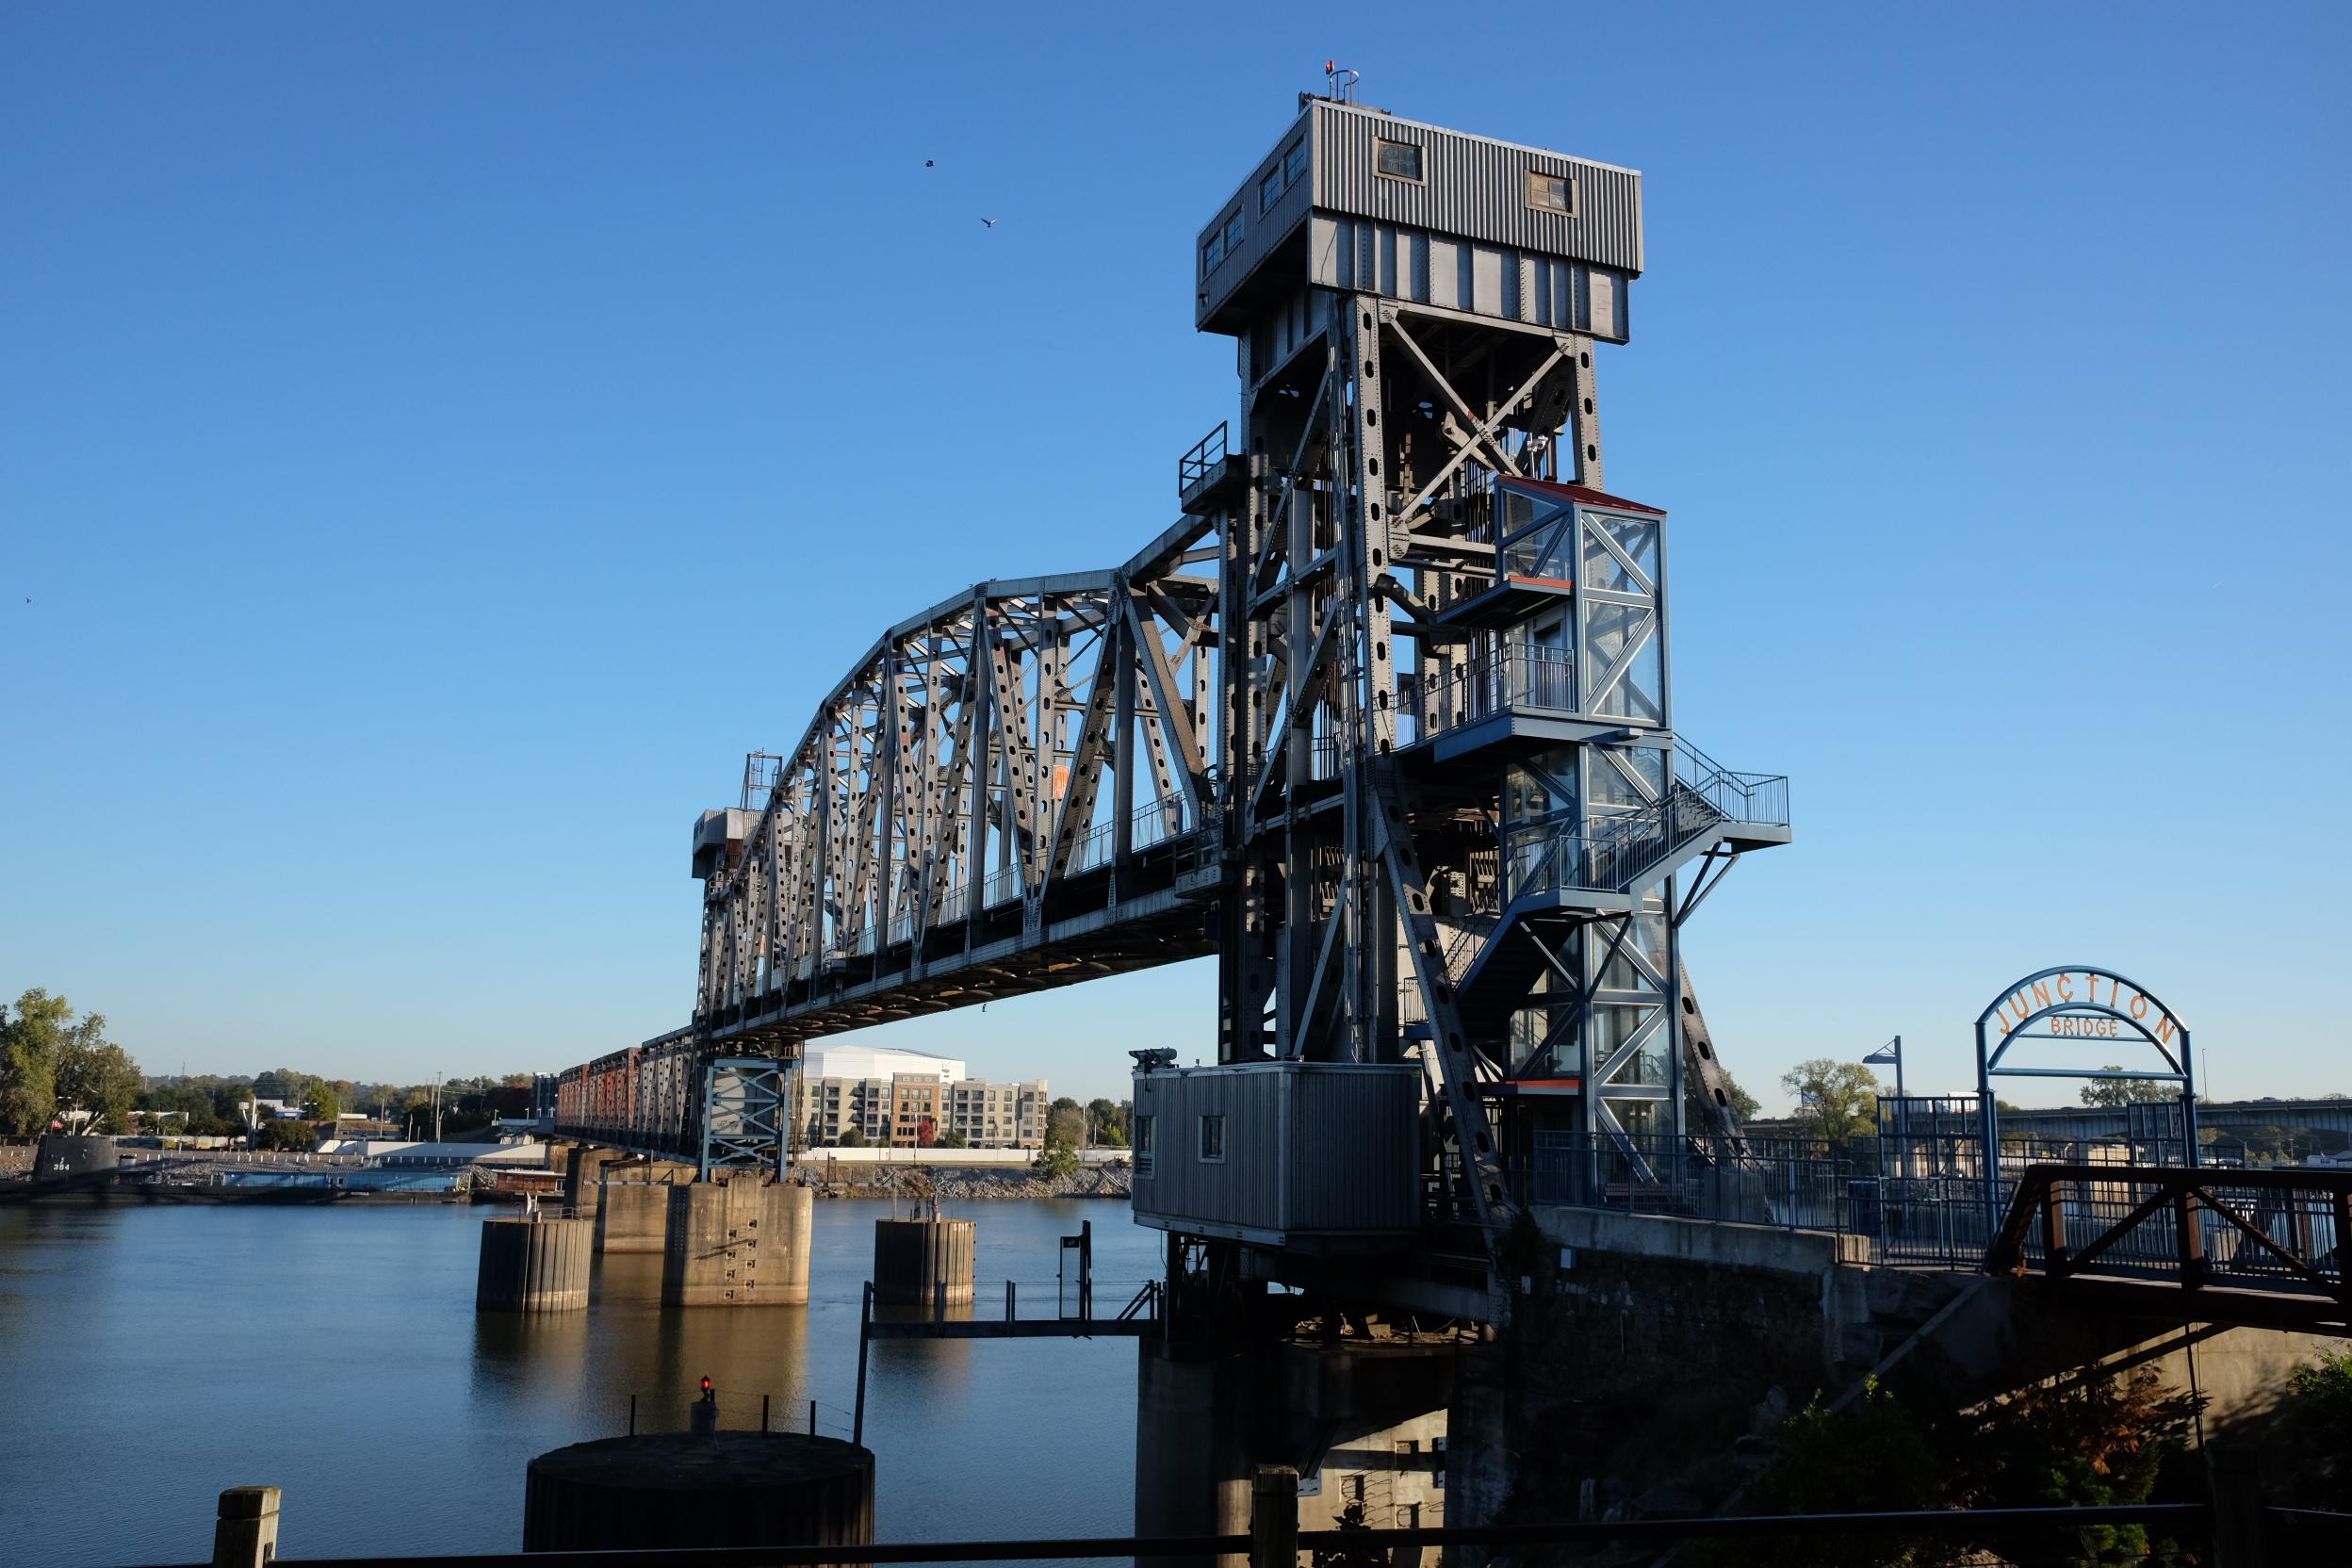 Junction Bridge built in 1899, repurposed 2008